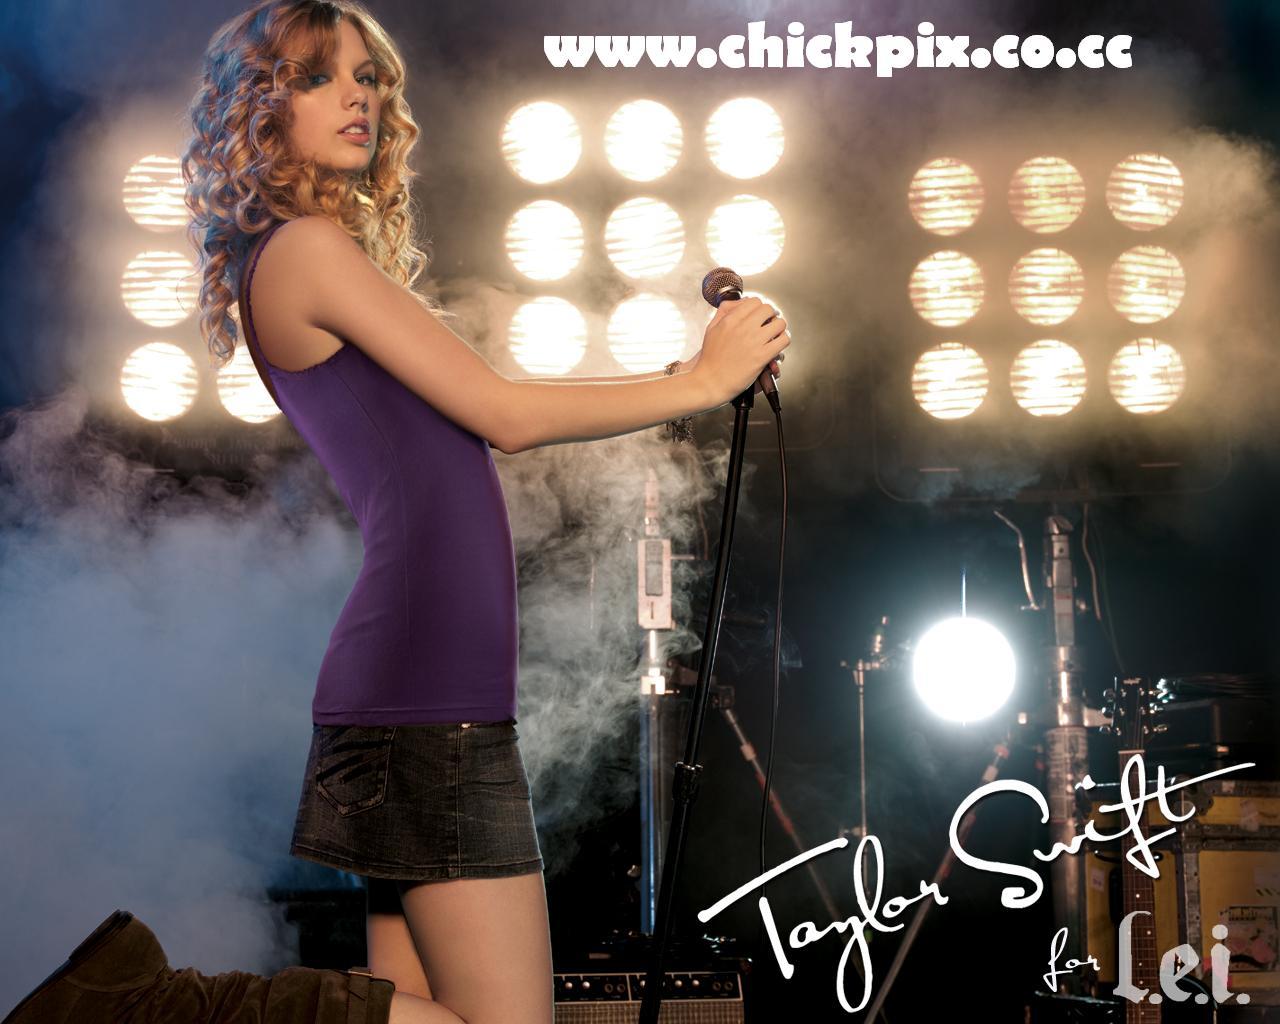 http://2.bp.blogspot.com/-MwWWsS_TICY/T6p-iszNucI/AAAAAAAAI0M/Qq4vO3kgTwg/s1600/Taylor+Swift+Sext+www.chickpix.co.cc+(3).jpg